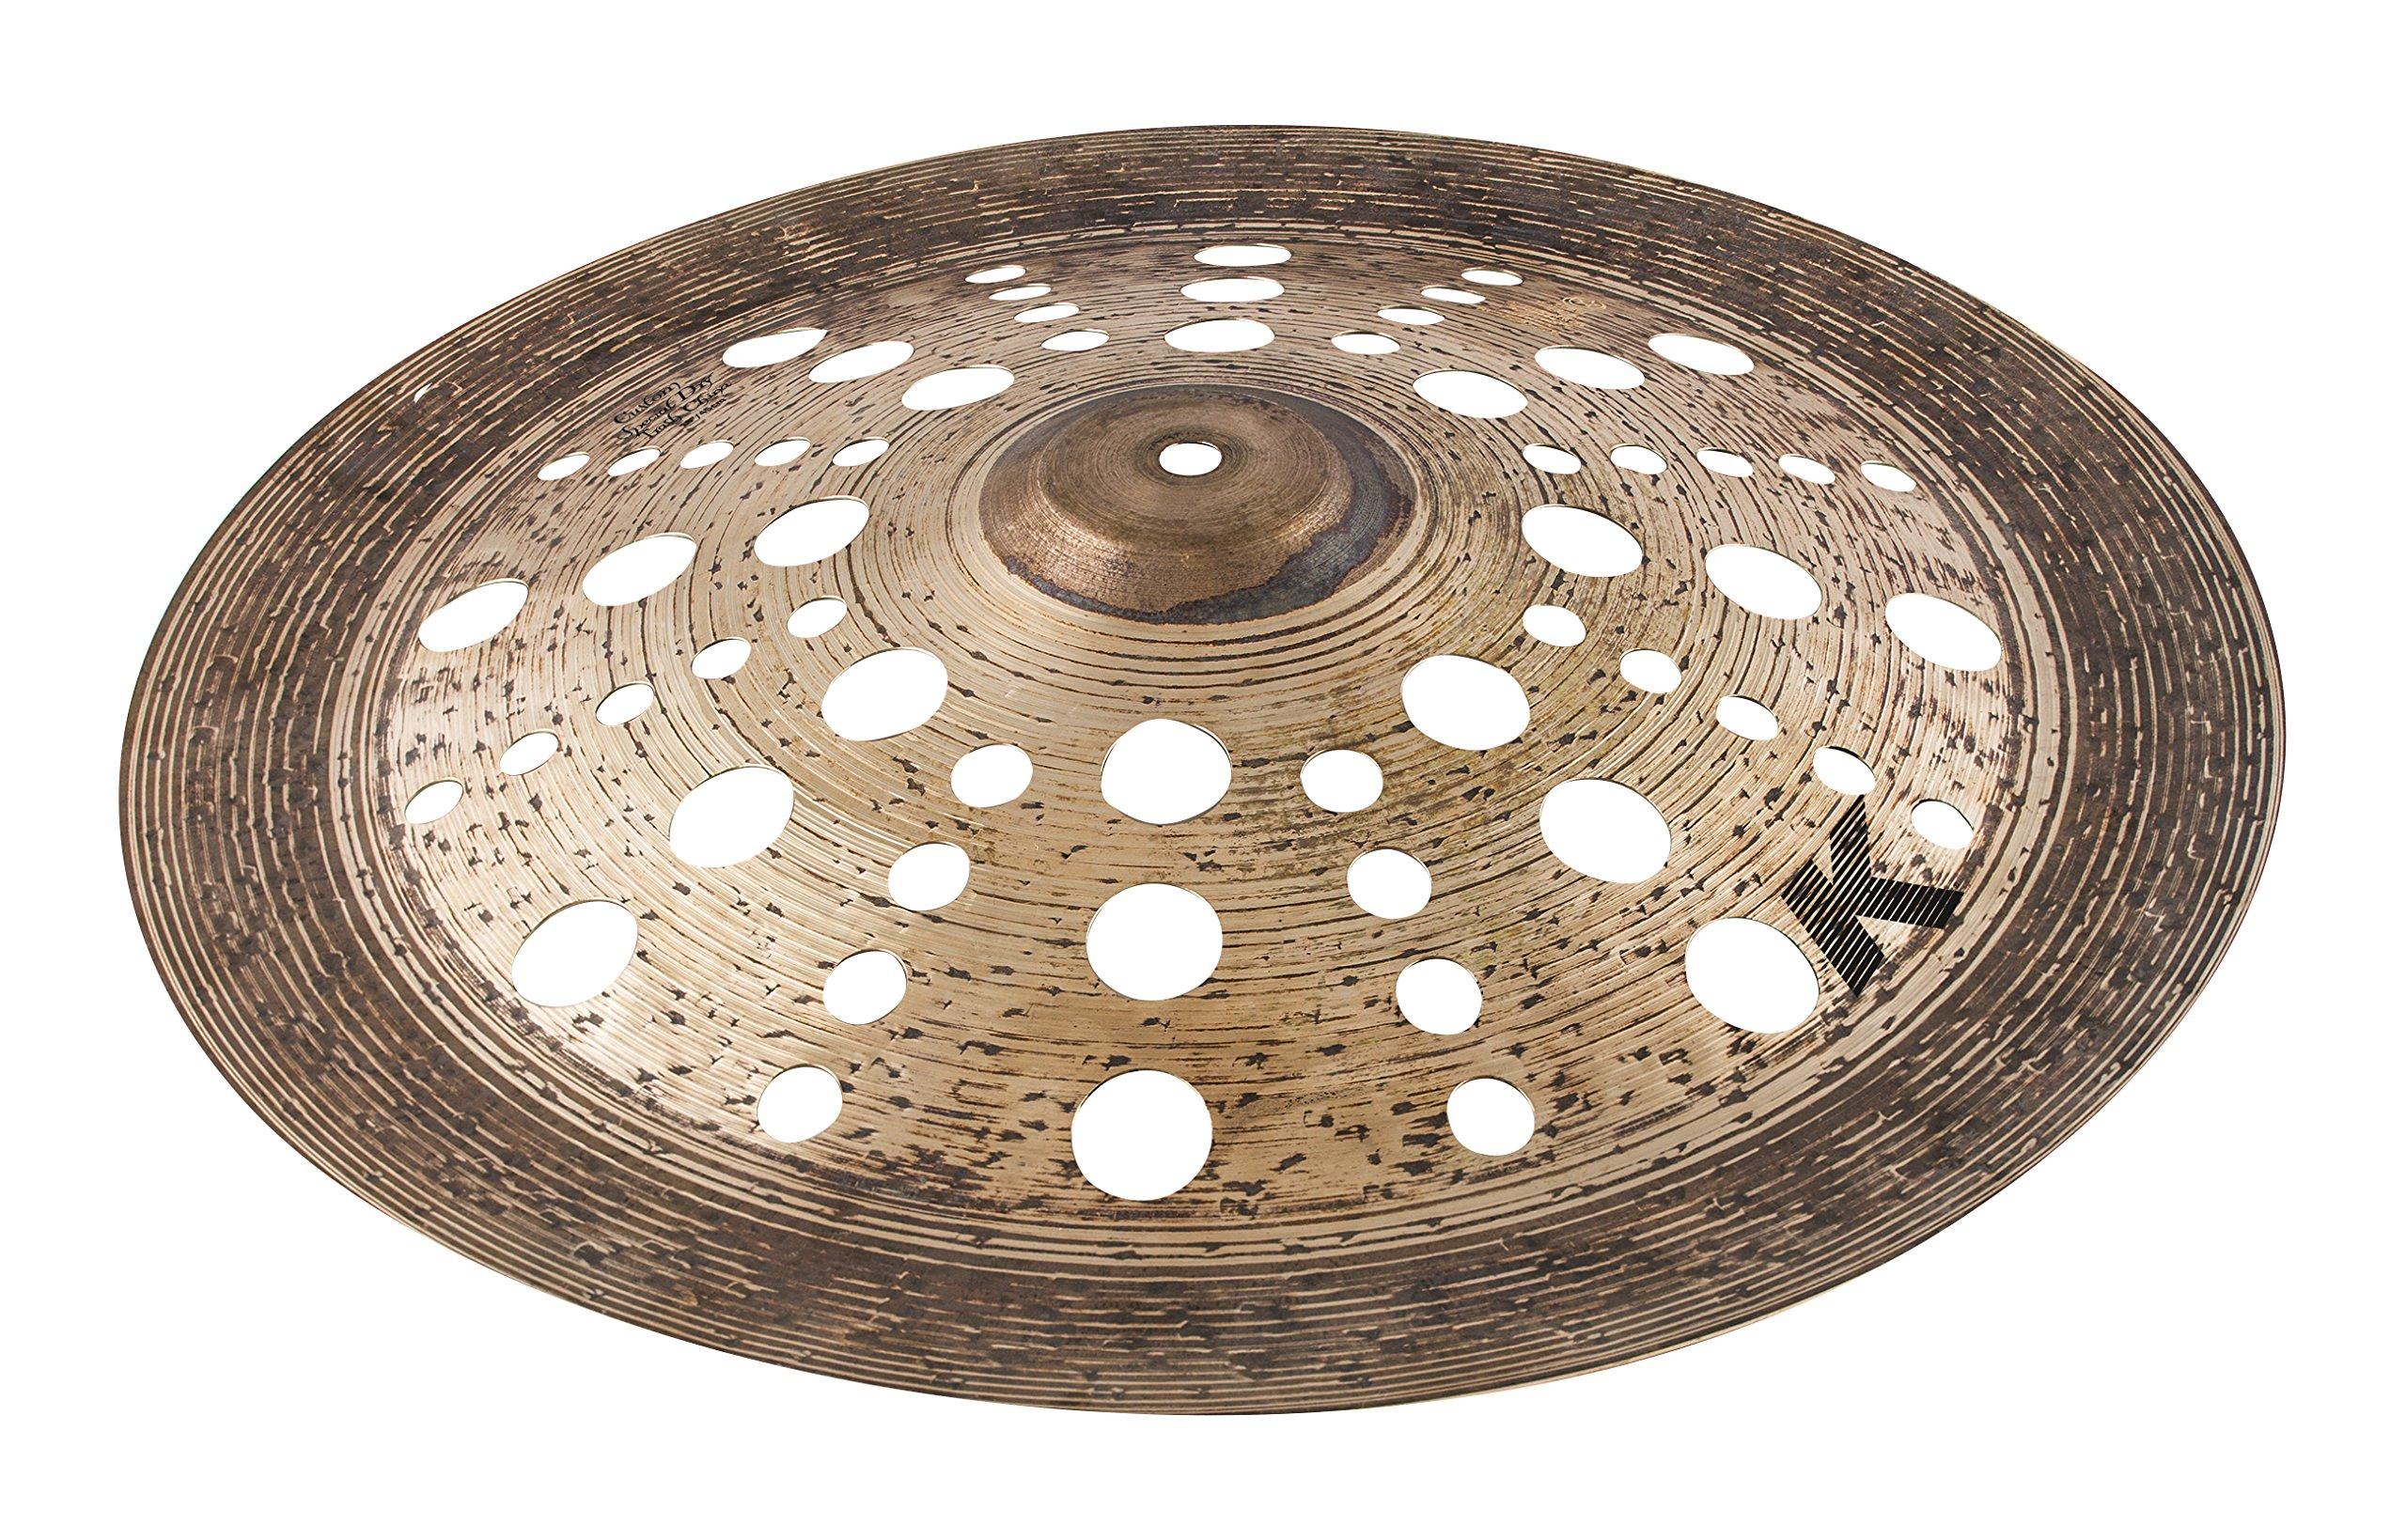 Zildjian K Custom Special Dry 18'' Trash China Cymbal, inch (K1420)